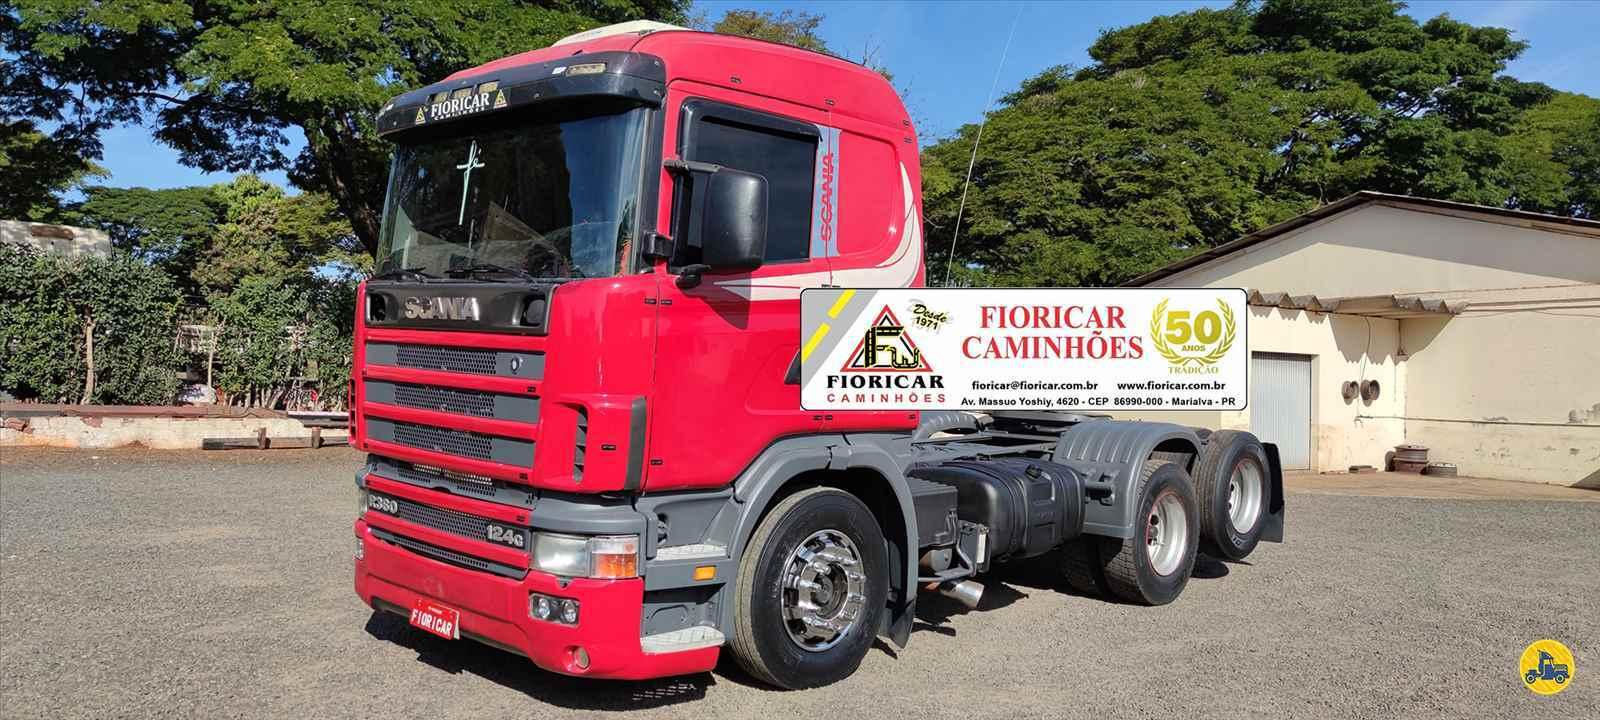 CAMINHAO SCANIA SCANIA 124 360 Cavalo Mecânico Truck 6x2 Fioricar Caminhões MARIALVA PARANÁ PR